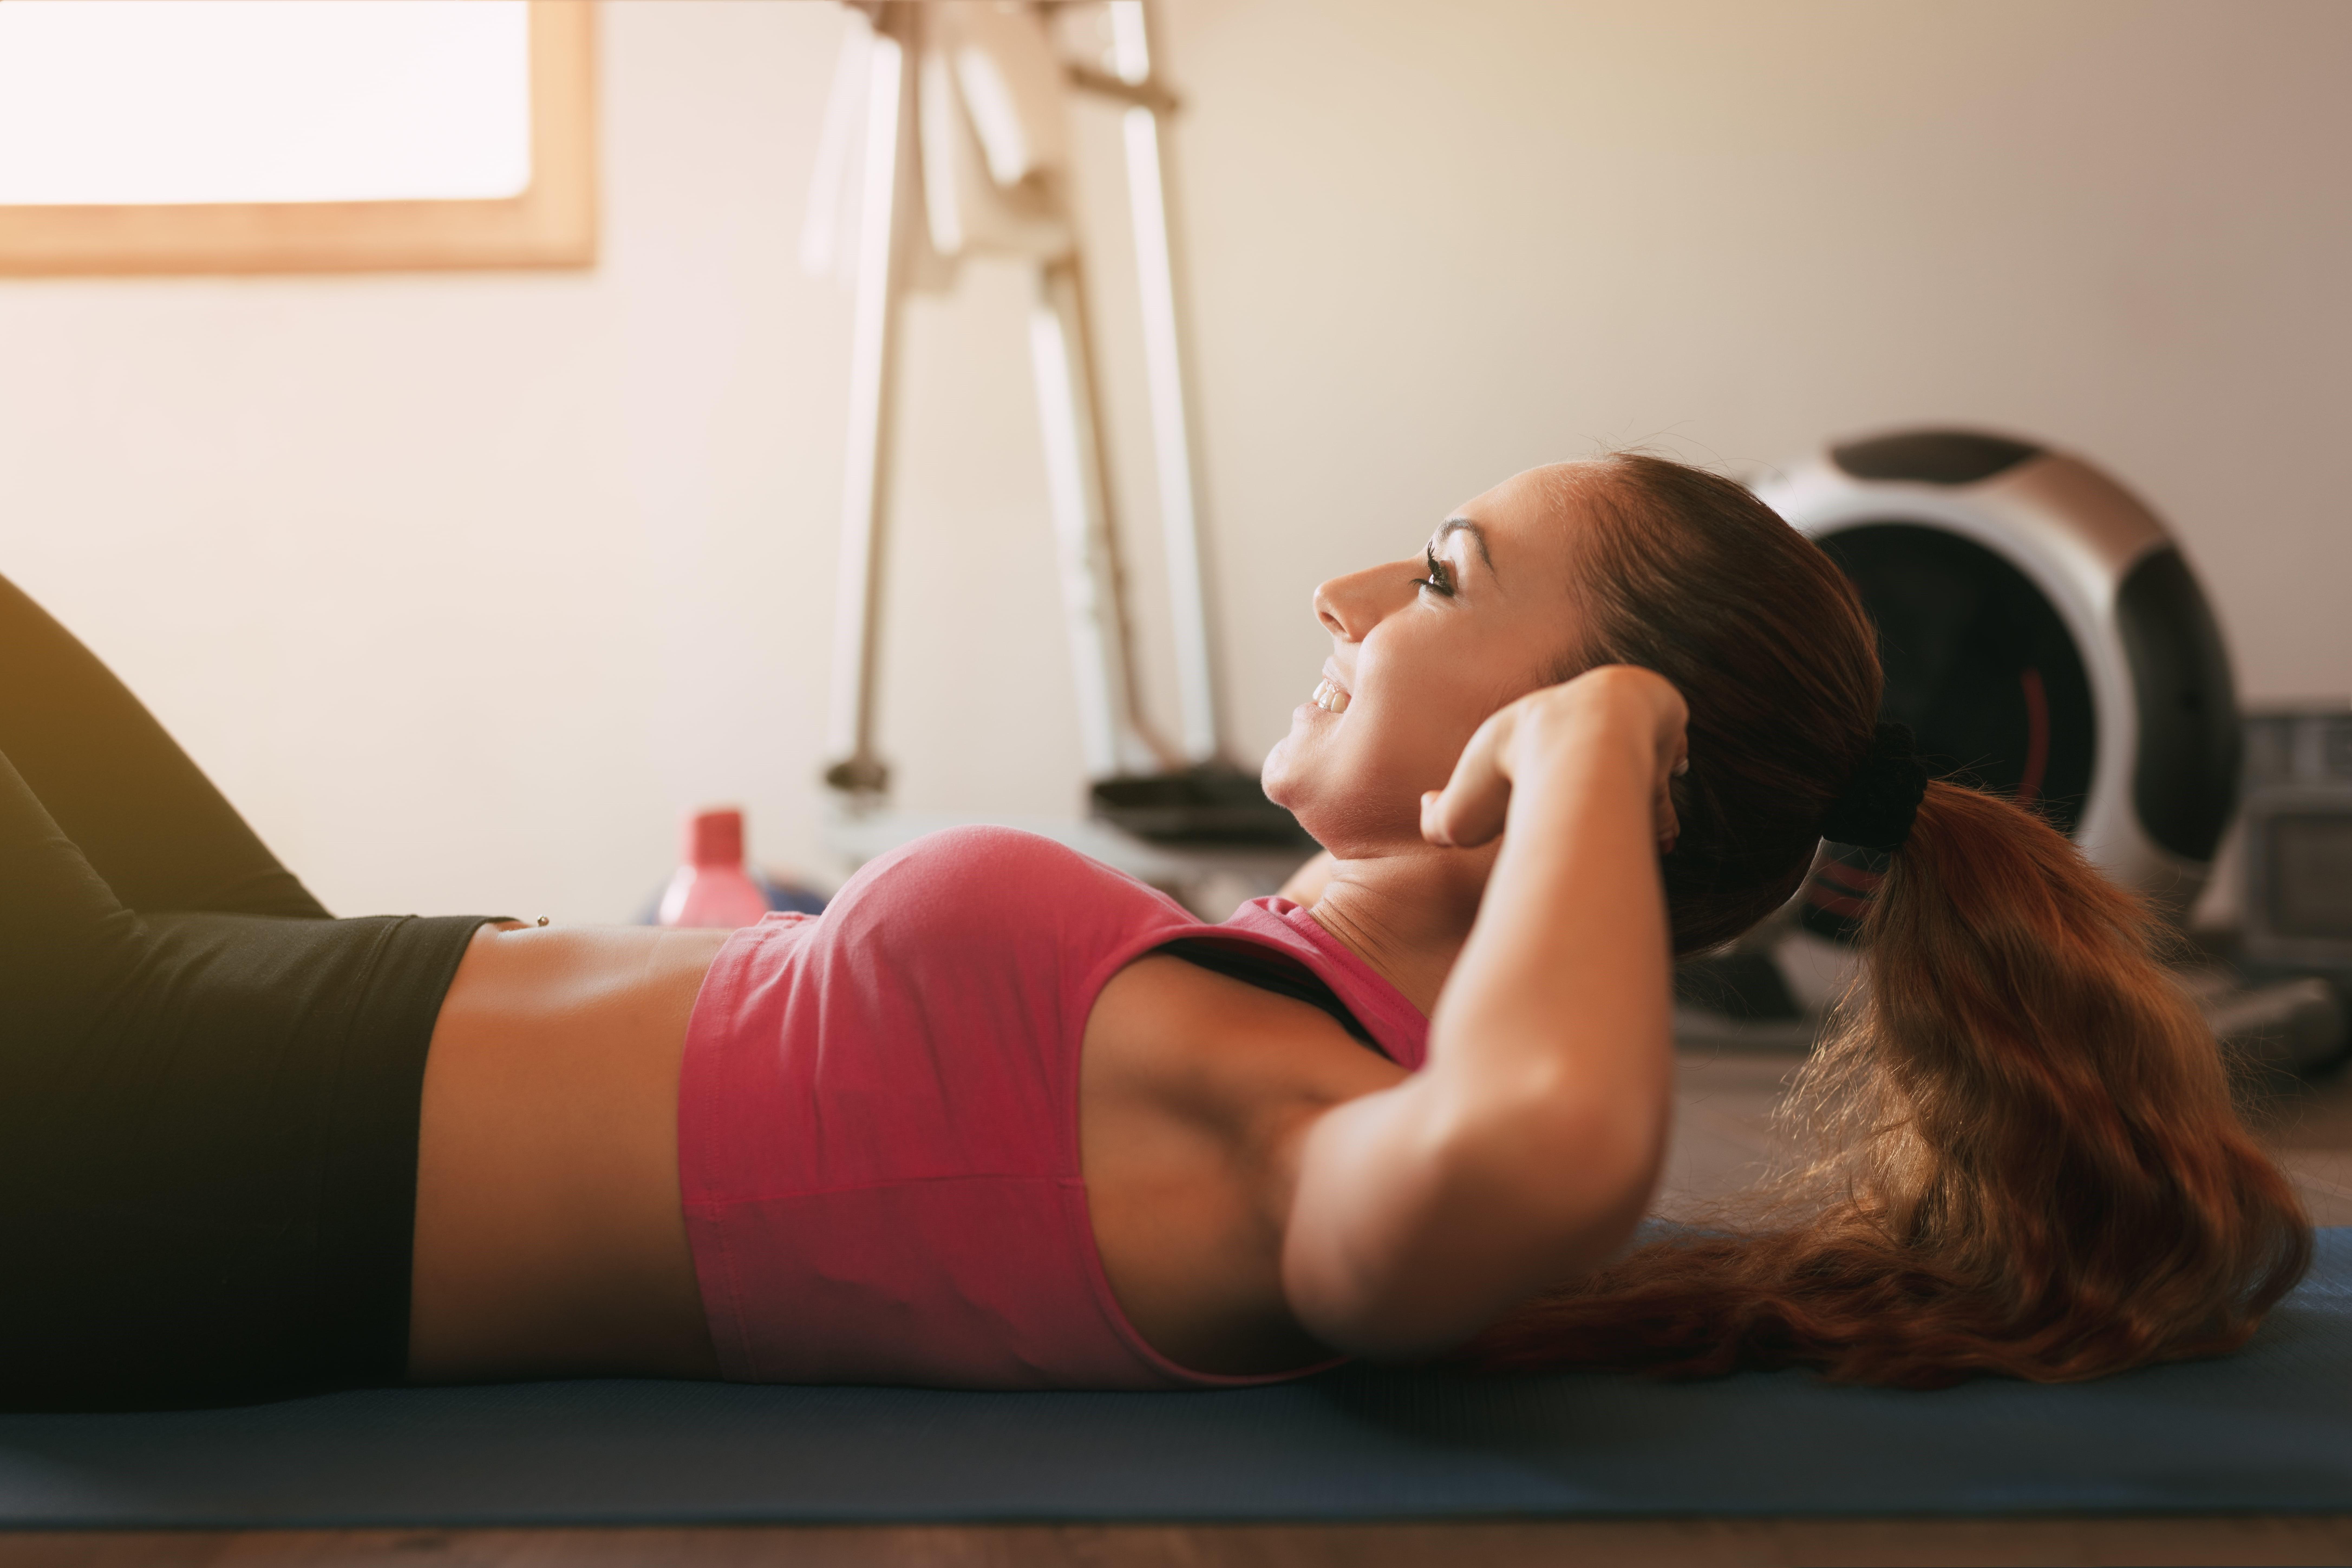 Упражнения для похудения. Фитнес тренировка для похудения в домашних условиях